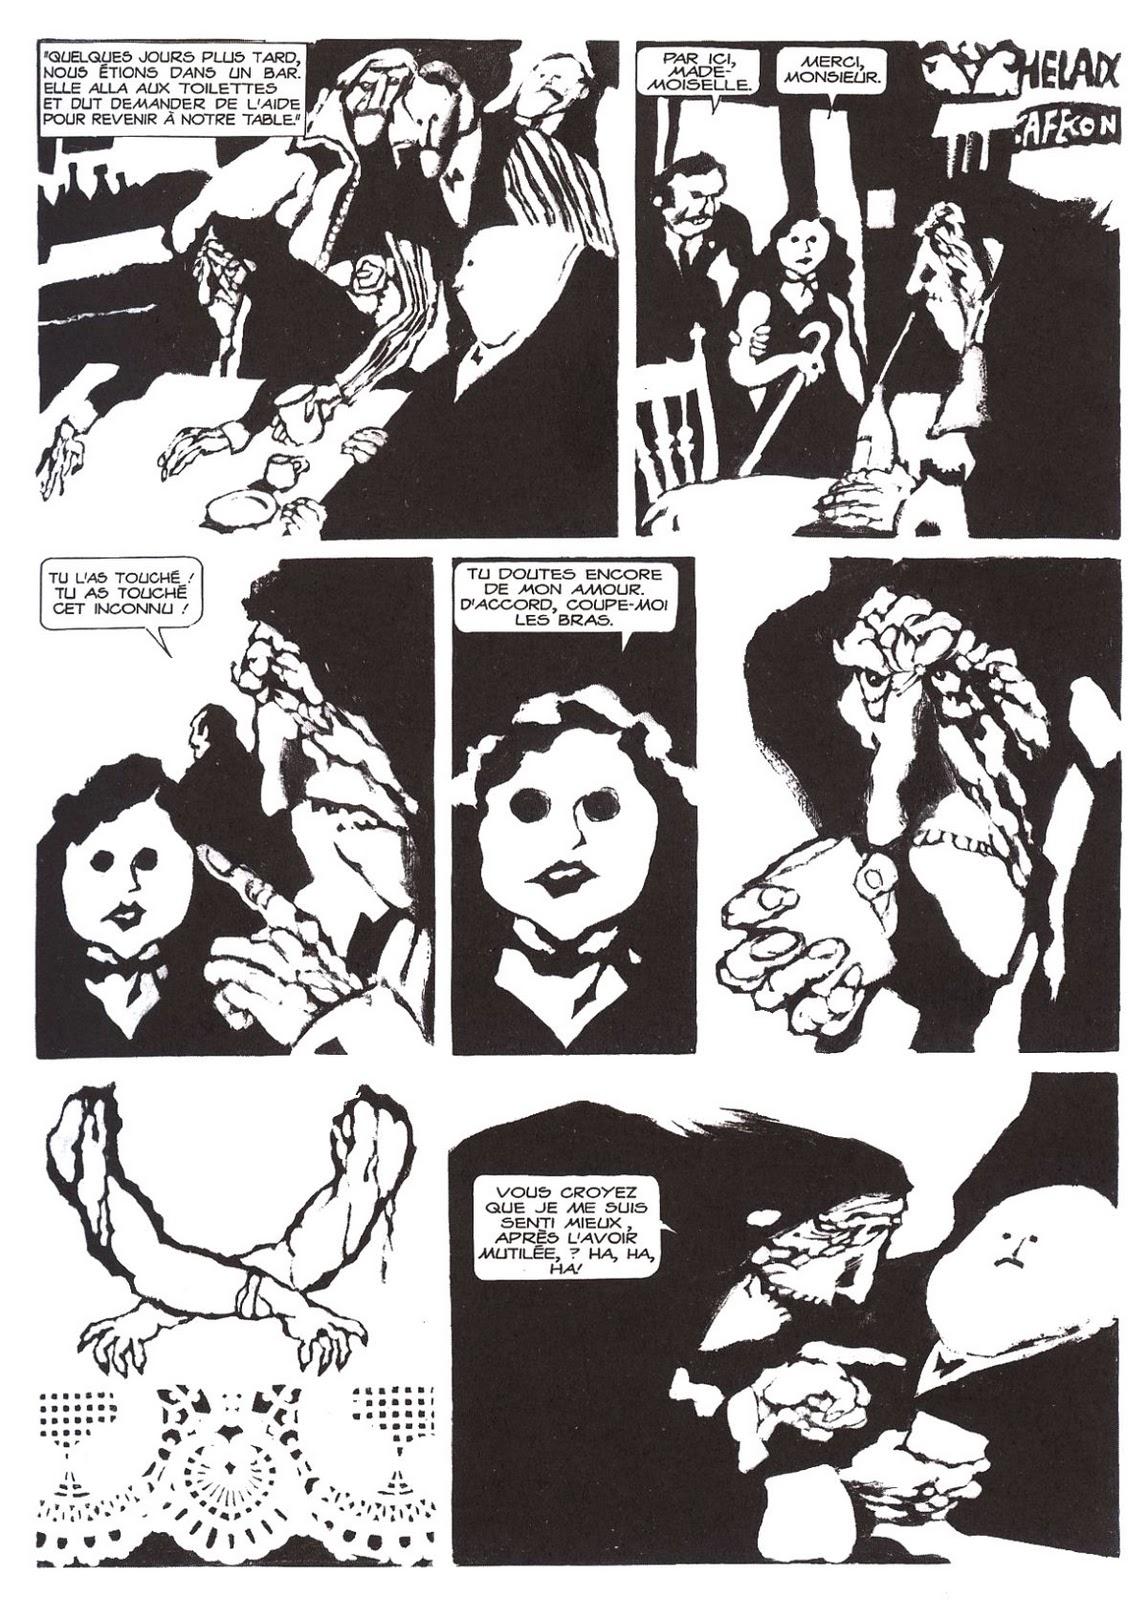 Solitary Dog Sculptor I  Drawing - Dibujo  Alberto Breccia - Comics ... 2dbef9baf56